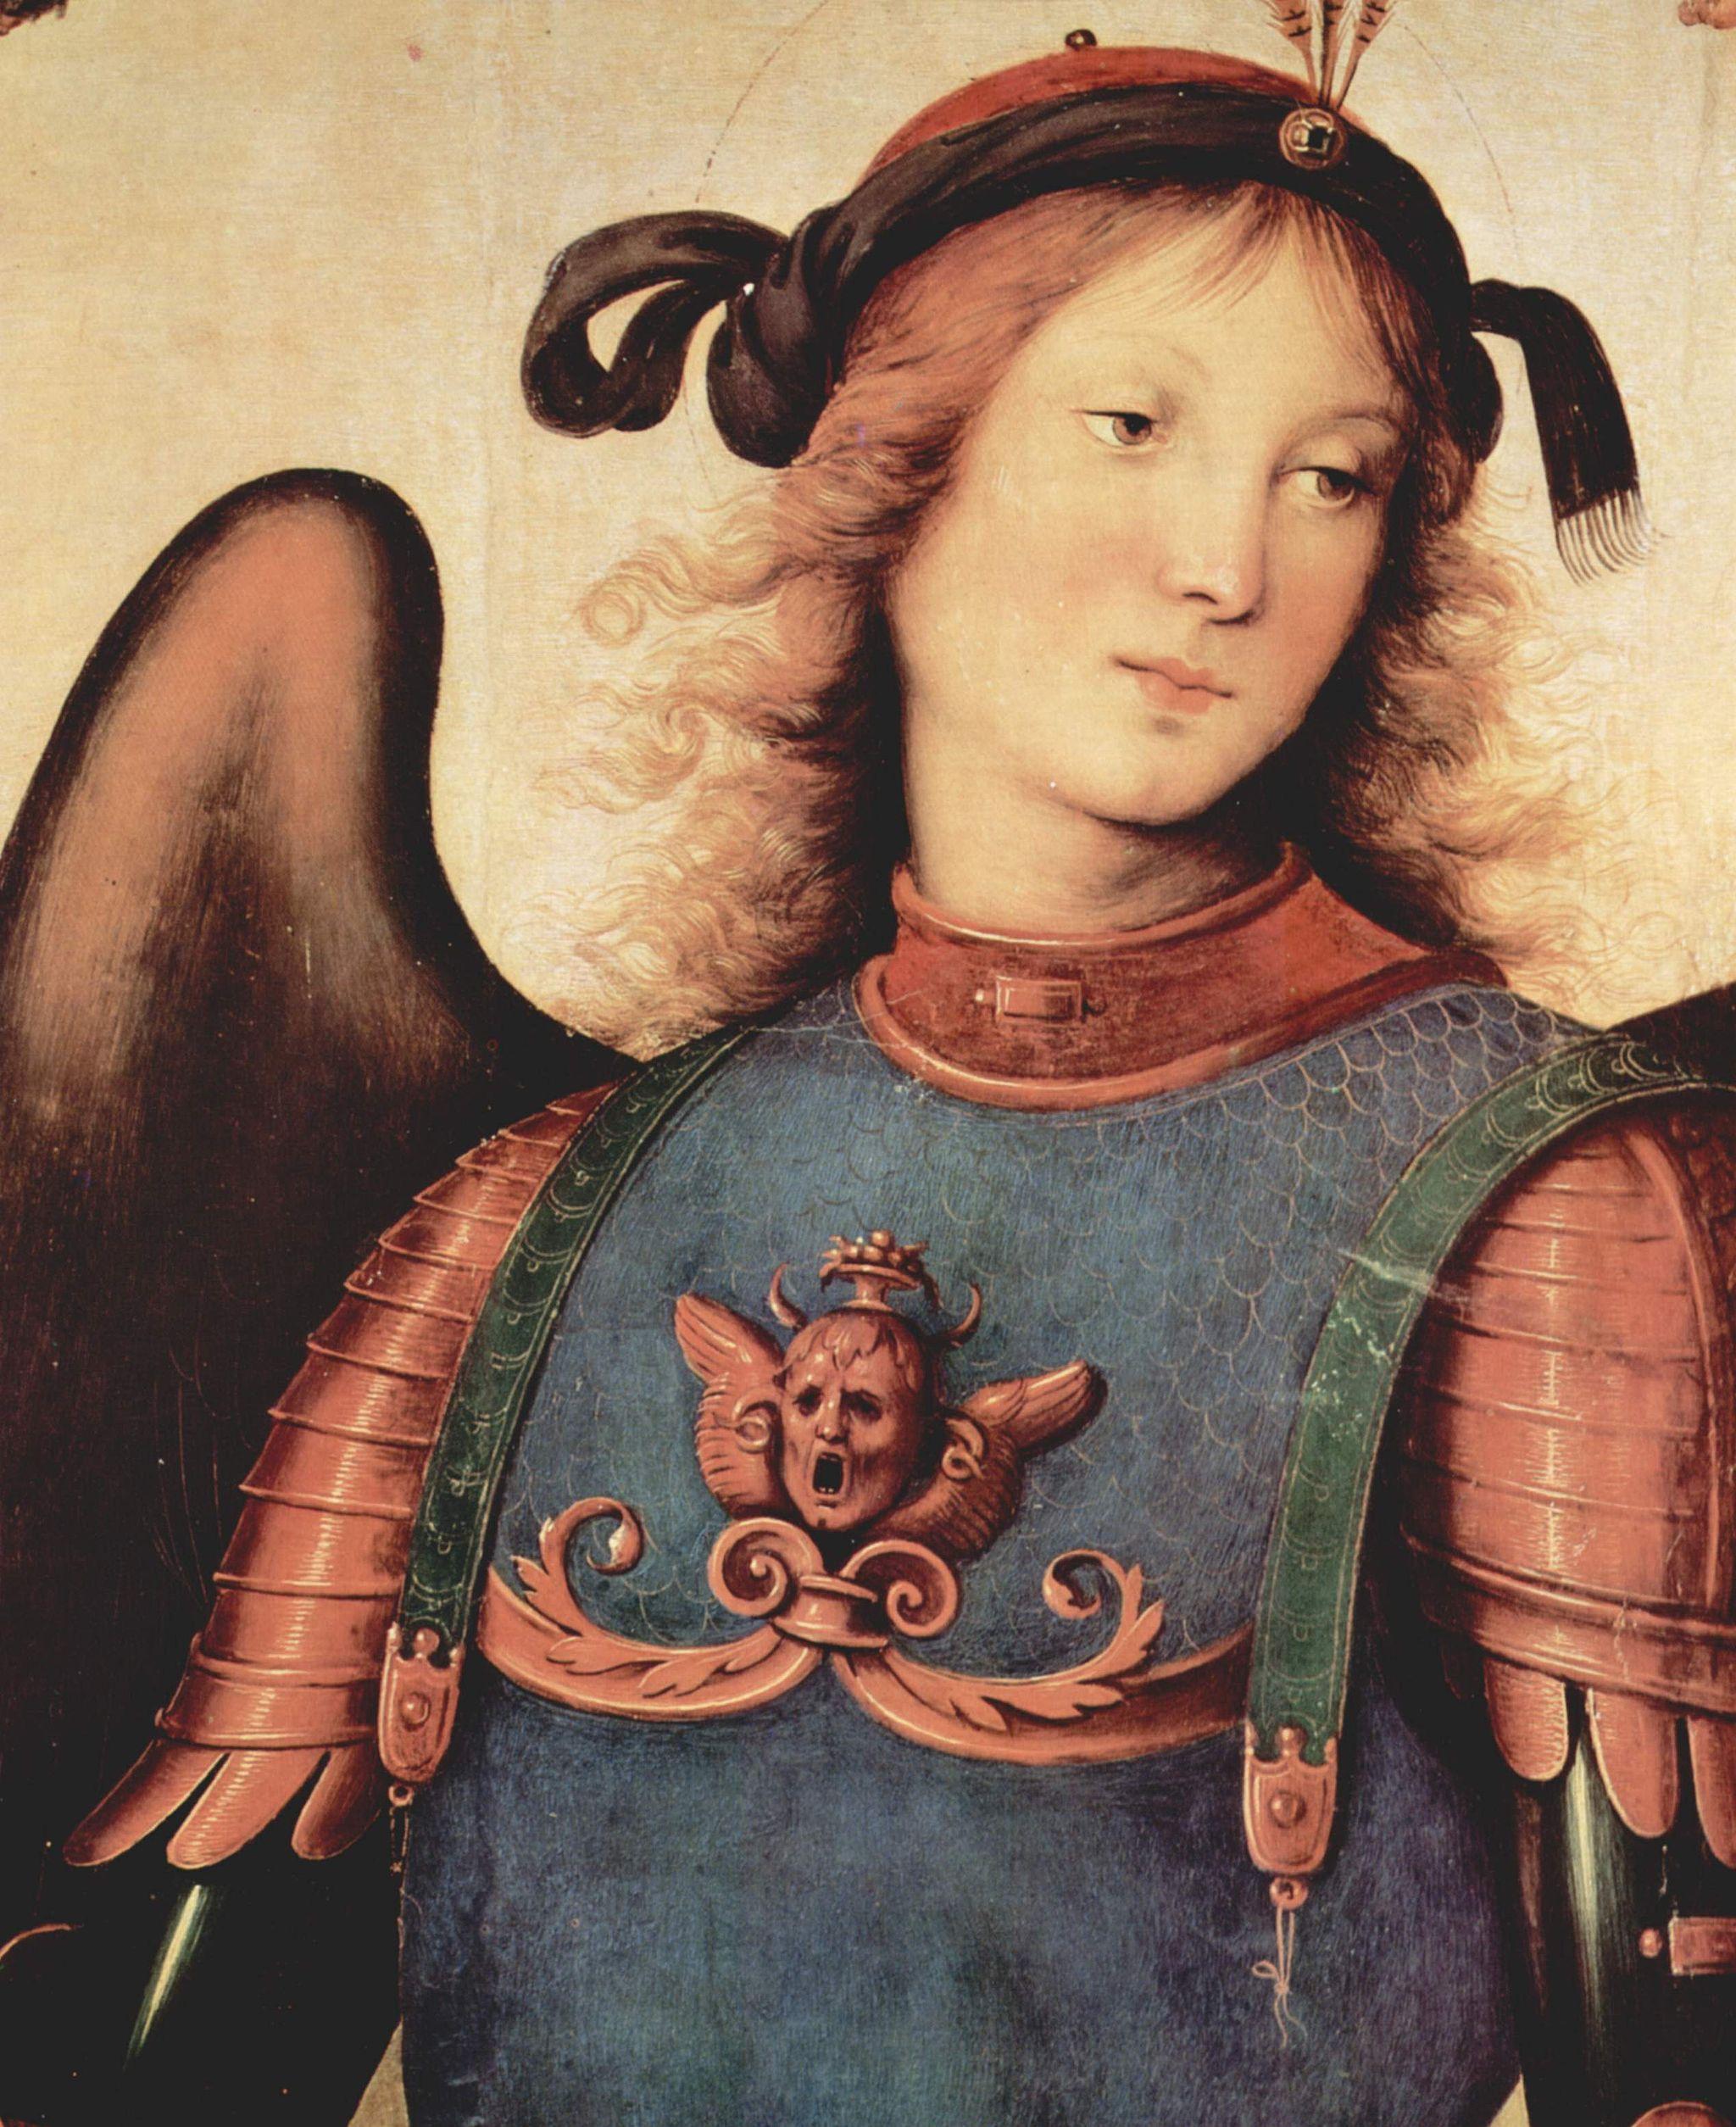 Pietro Perugino, Pala di Vallombrosa (San Michele, dettaglio), 1500, olio su tavola, Galleria dell'Accademia, Firenze